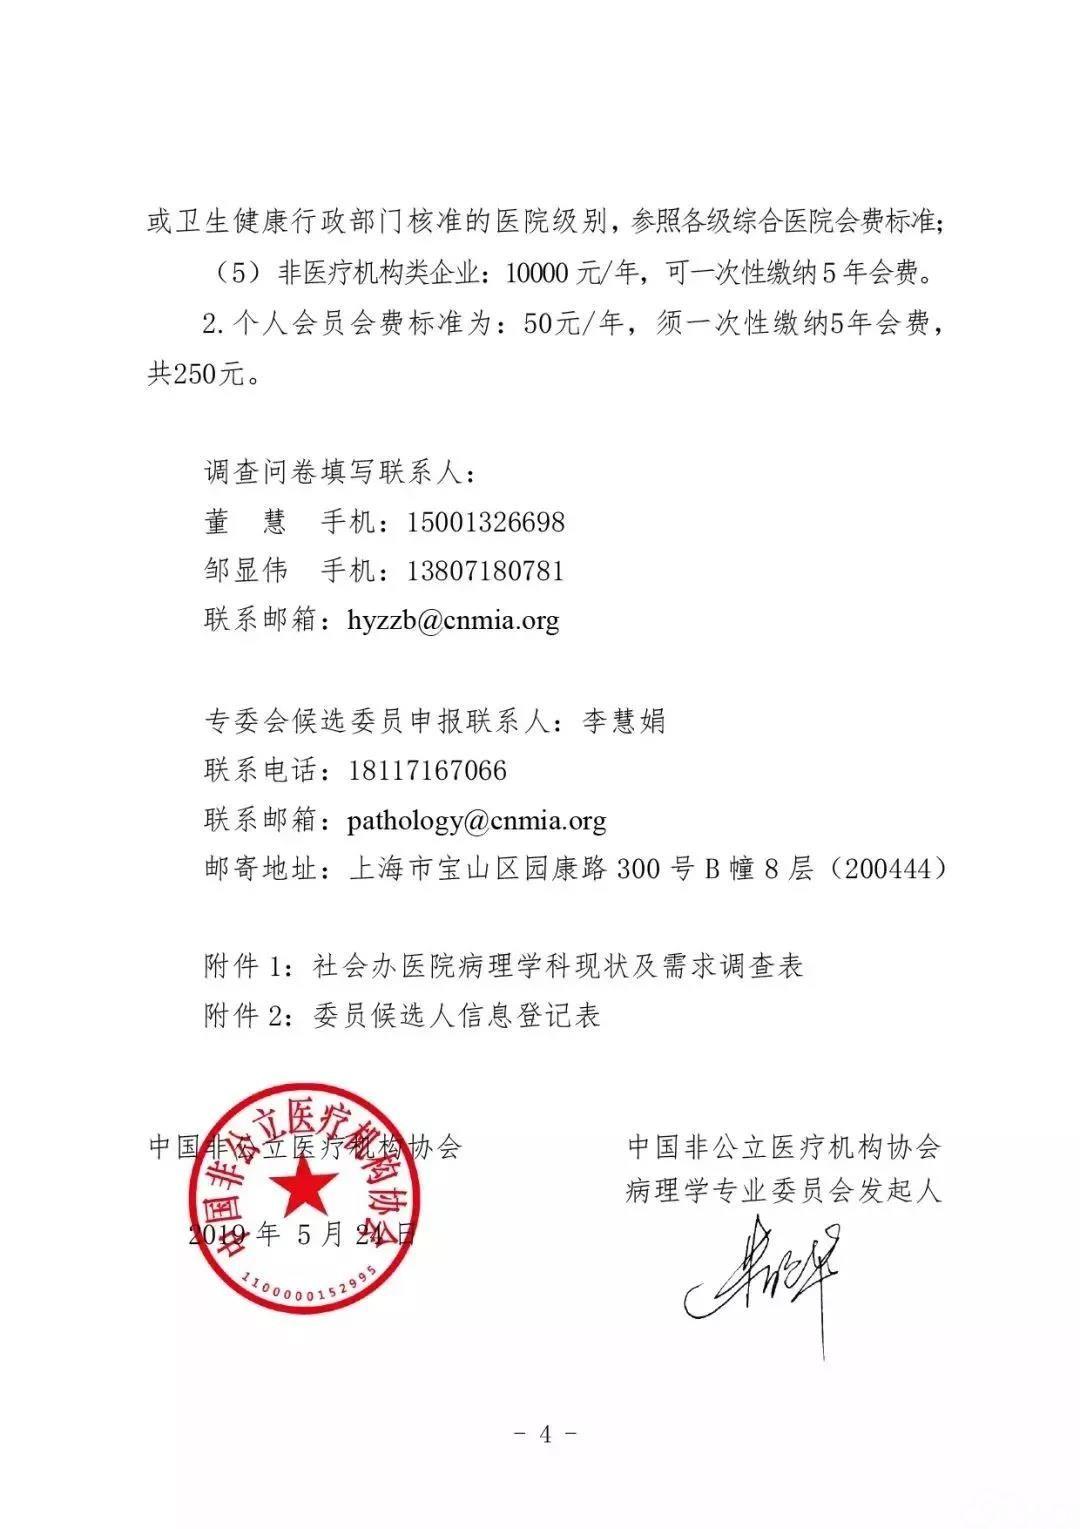 中国非公立医疗机构协会关于开展社会办医院病理学科现状需求调查及病理学专业委员会成员招募的通知